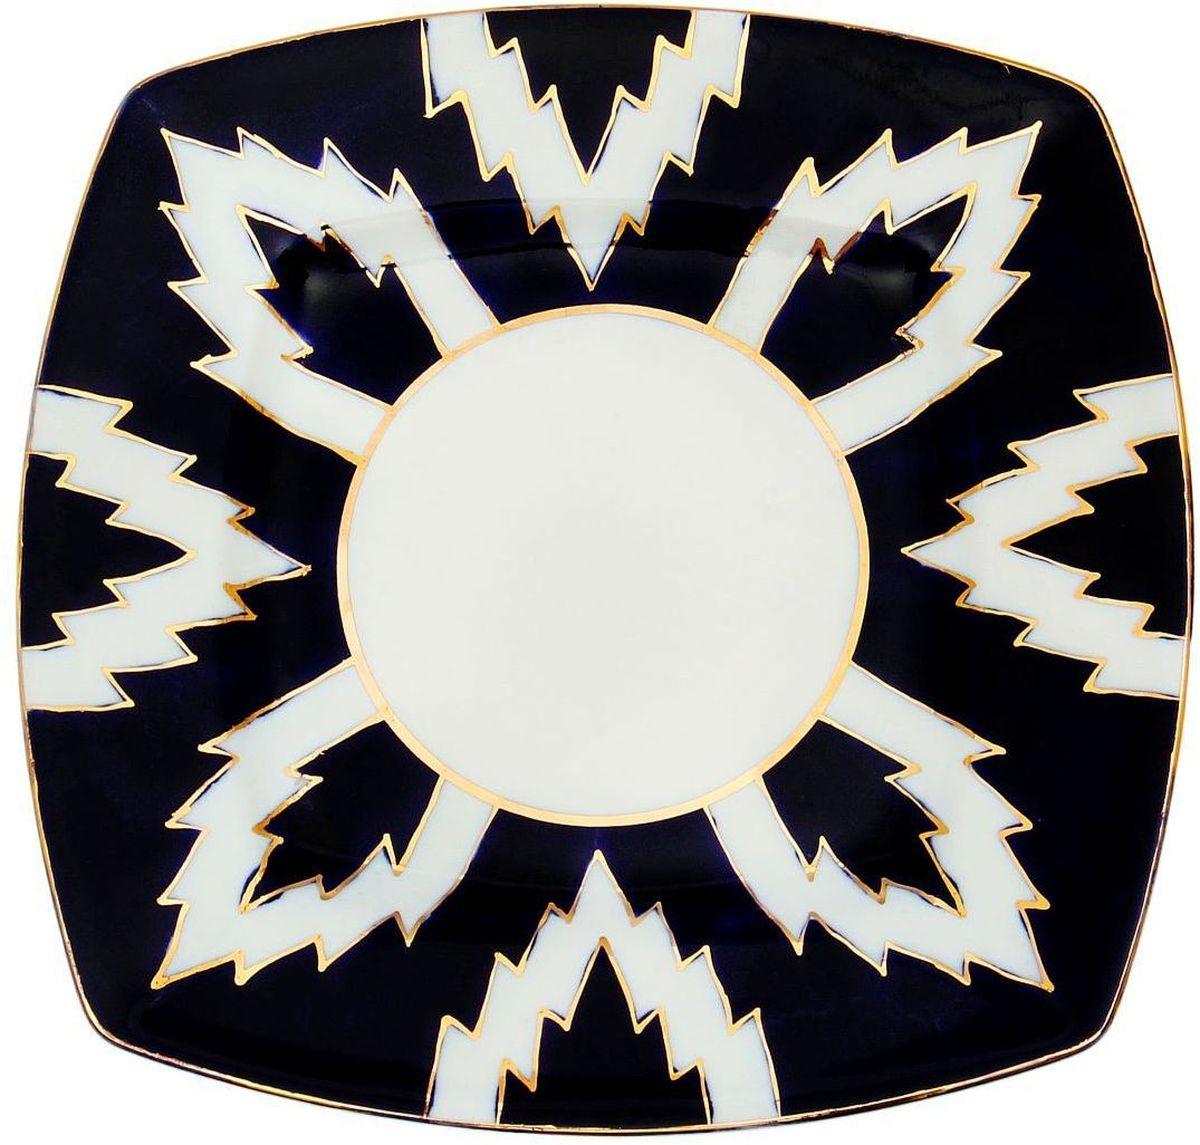 Тарелка Turon Porcelain Атлас, цвет: синий, белый, золотистый, 20 х 20 см1625424Тарелка Turon Porcelain Атлас, выполненная из качественного фарфора, подойдет для повседневной и праздничной сервировки. Дополните стол текстилем и салфетками в тон, чтобы получить элегантное убранство с яркими акцентами. Национальная узбекская роспись Атлас имеет симметричный геометрический рисунок. Узоры, похожие на листья, выводятся тонкой кистью, фон заливается темно-синим кобальтом. Синий краситель при обжиге слегка растекается и придает контуру изображений голубой оттенок. Густая глазурь наносится толстым слоем, благодаря чему рисунок мерцает. Узбекская посуда известна всему миру уже более тысячи лет. Ей любовались царские особы, на ней подавали еду для шейхов и знатных персон. Формулы красок и глазури передаются из поколения в поколение. По сей день качественные расписные изделия продолжают восхищать совершенством и завораживающей красотой.